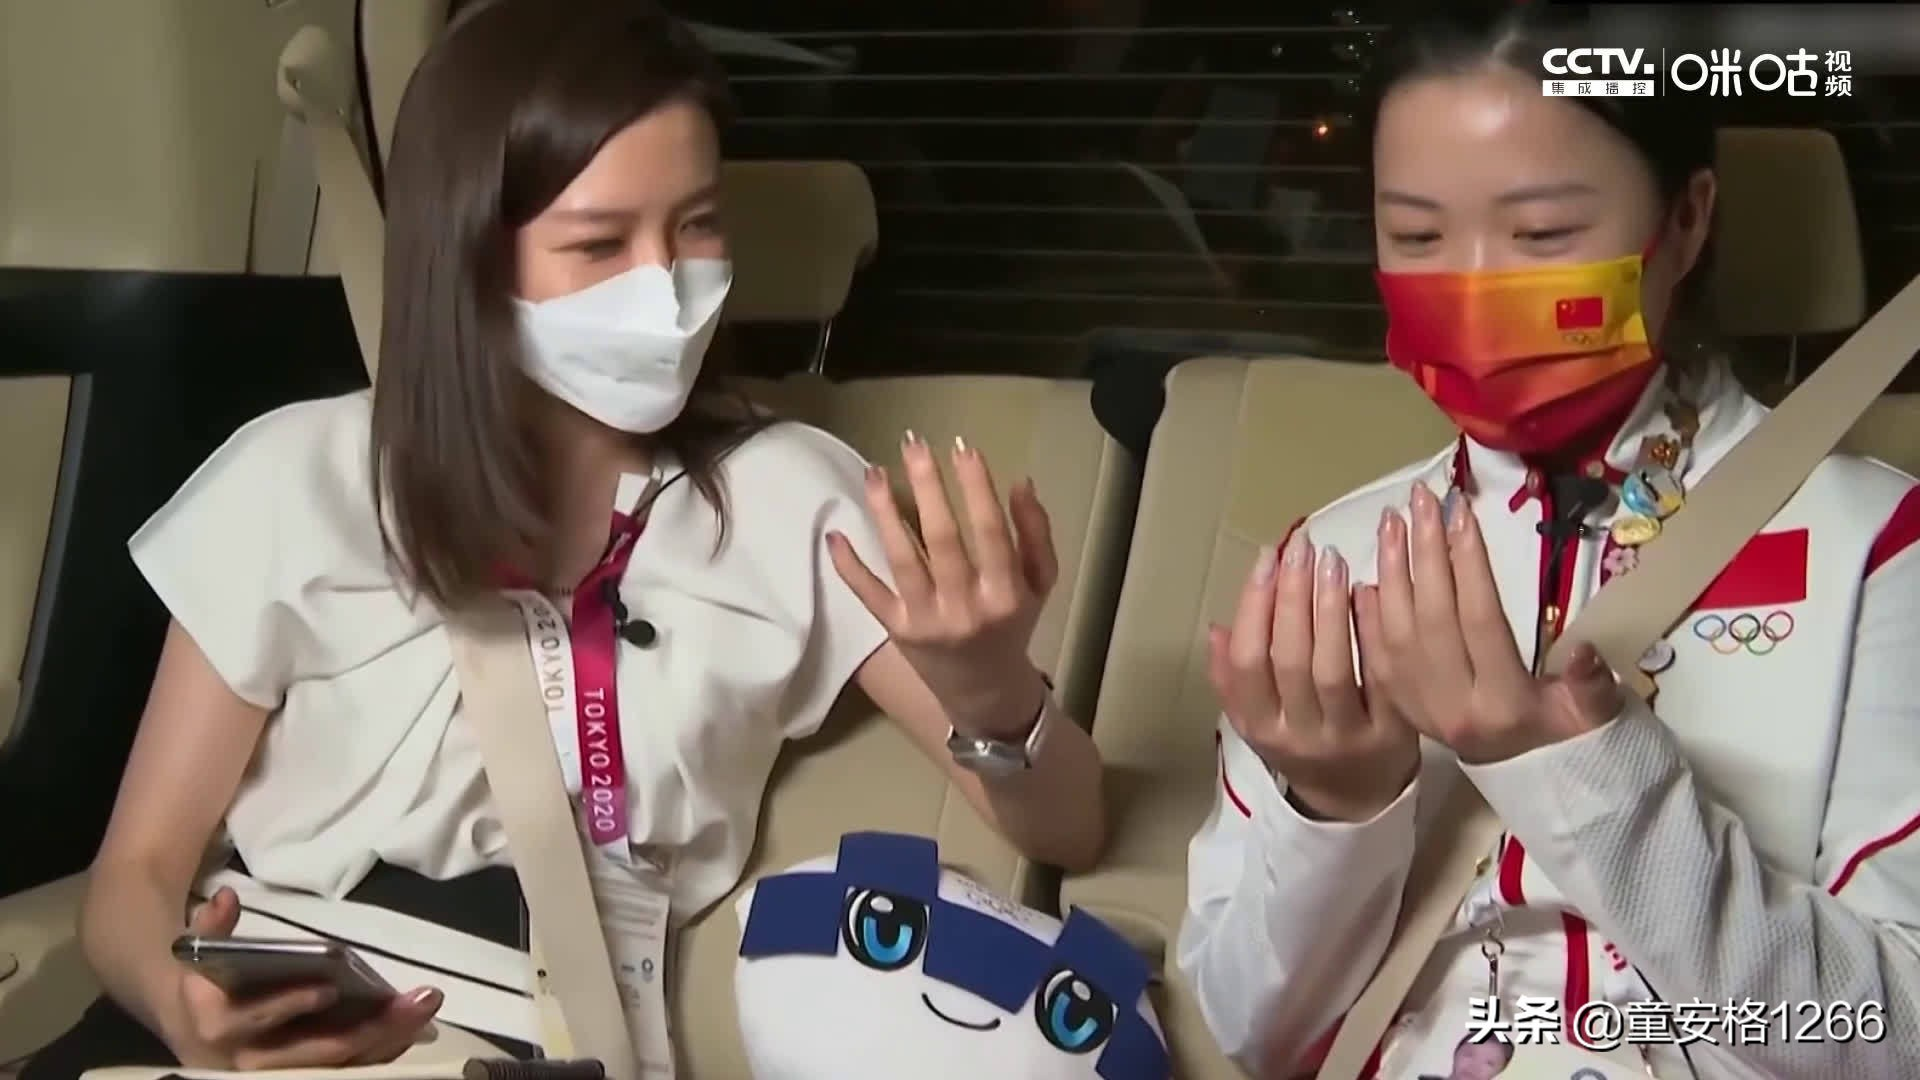 杨倩回应珍珠美甲,确认是小公主了!奥运冠军杨倩展示自己的美甲